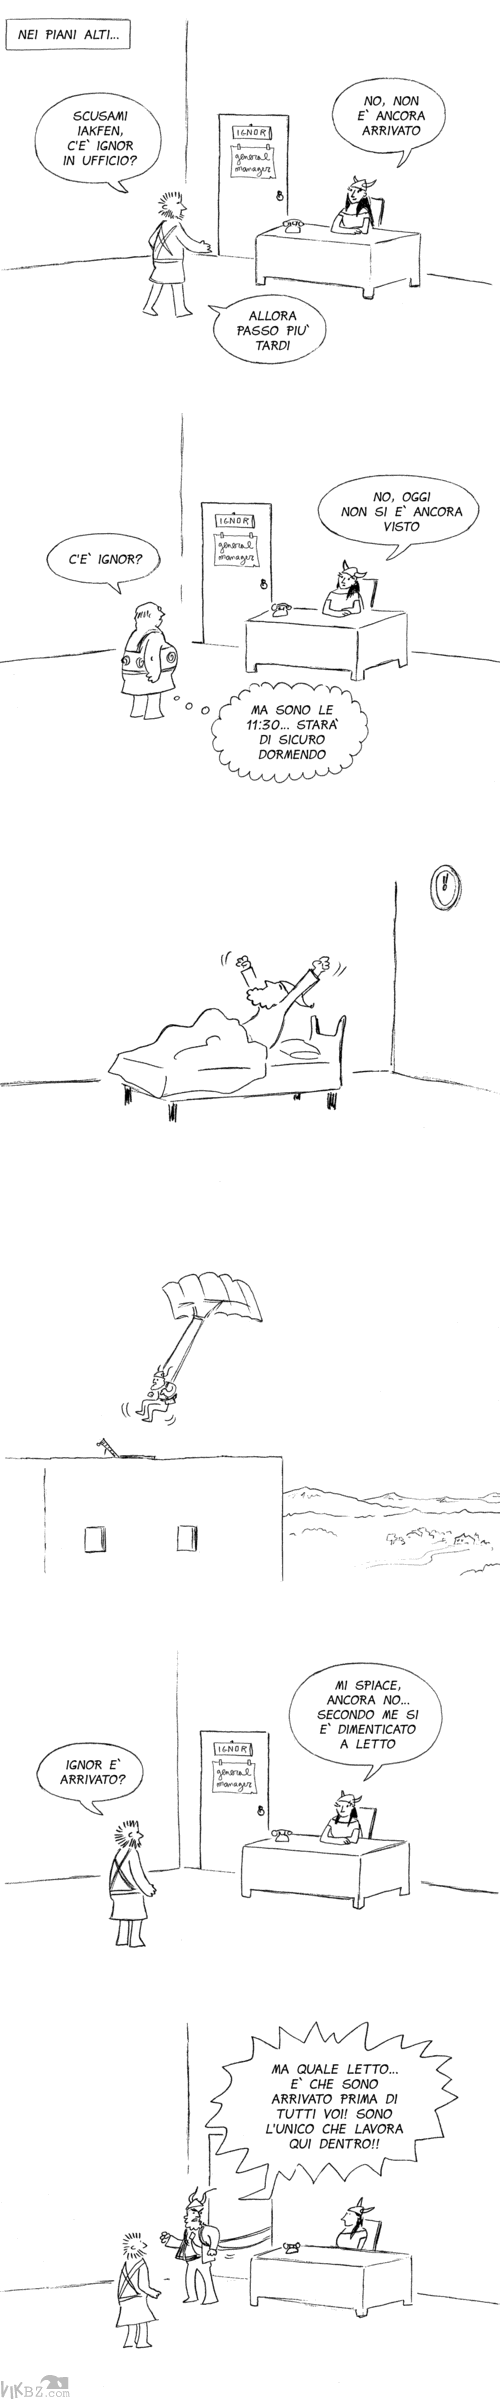 Manager, parapendii e sveglie all'alba